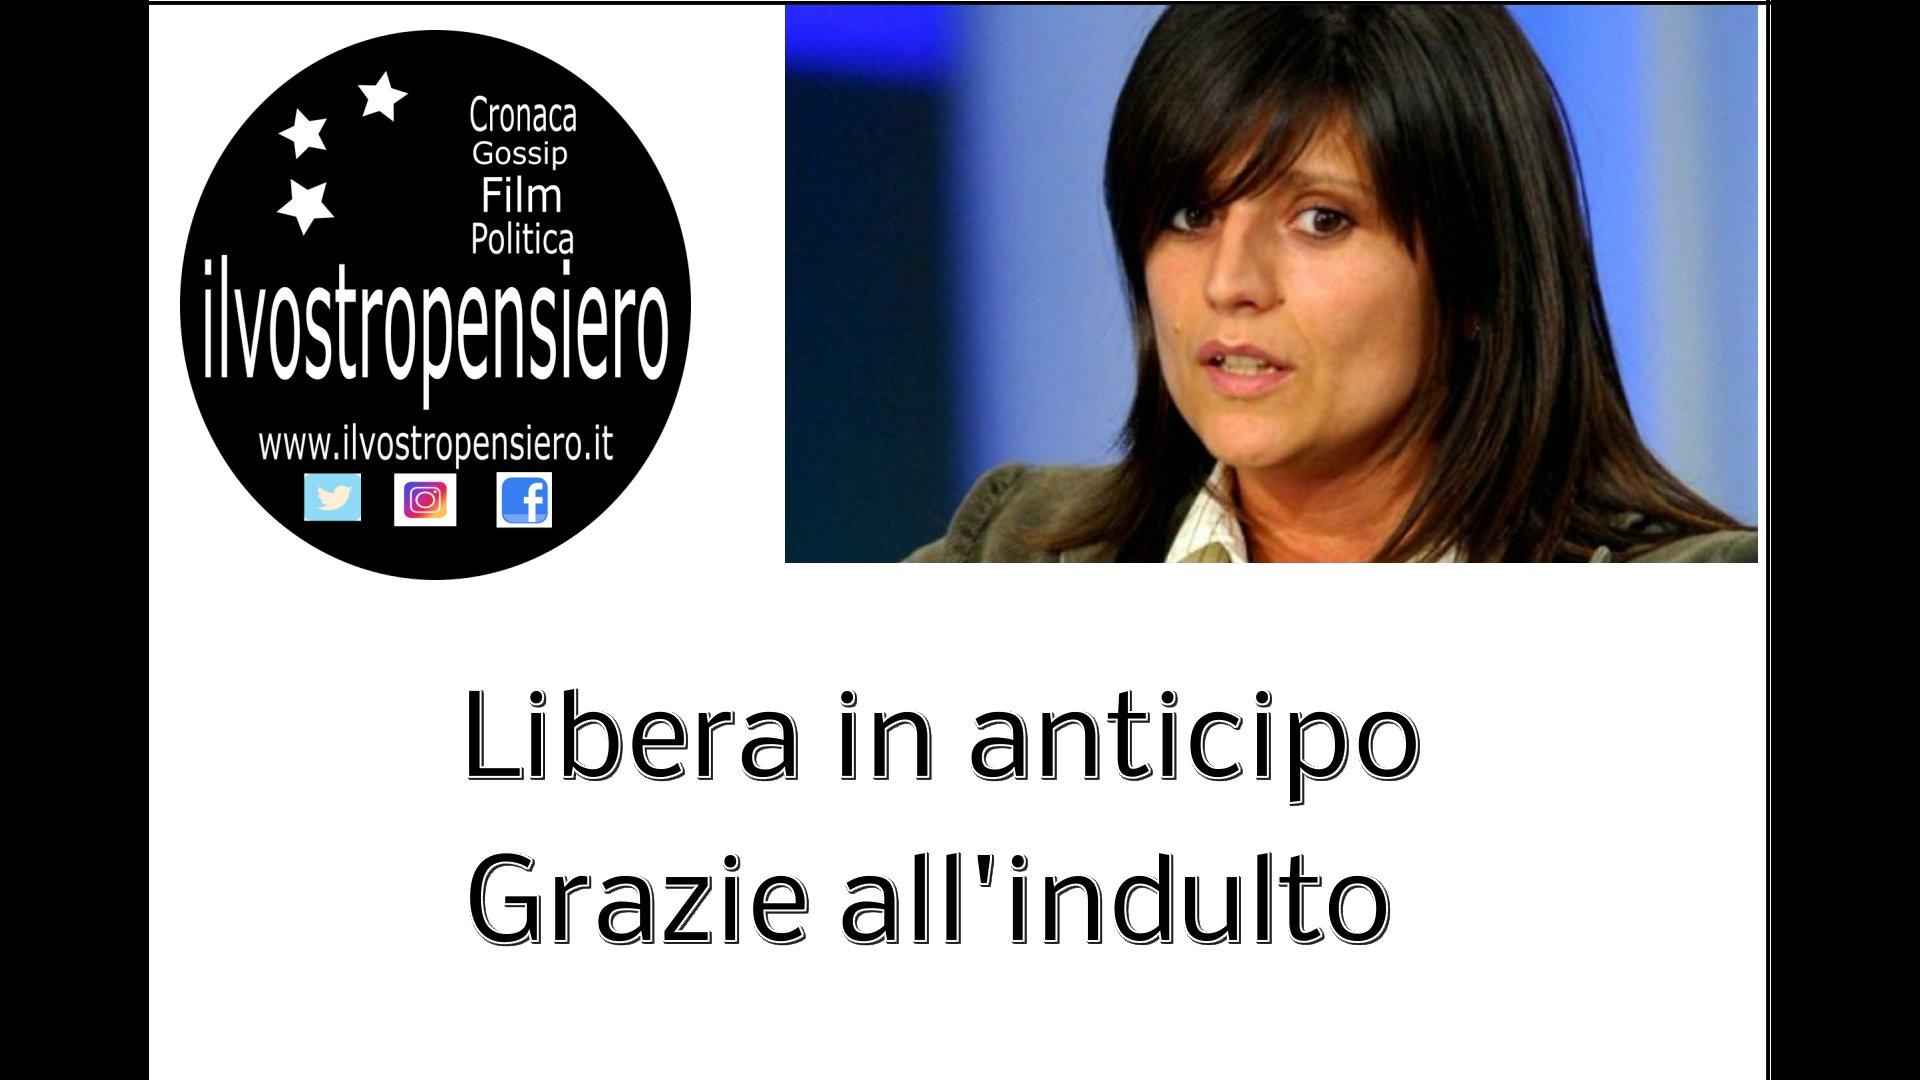 Cronaca: Annamaria Franzoni e' libera,ha scontato la pena